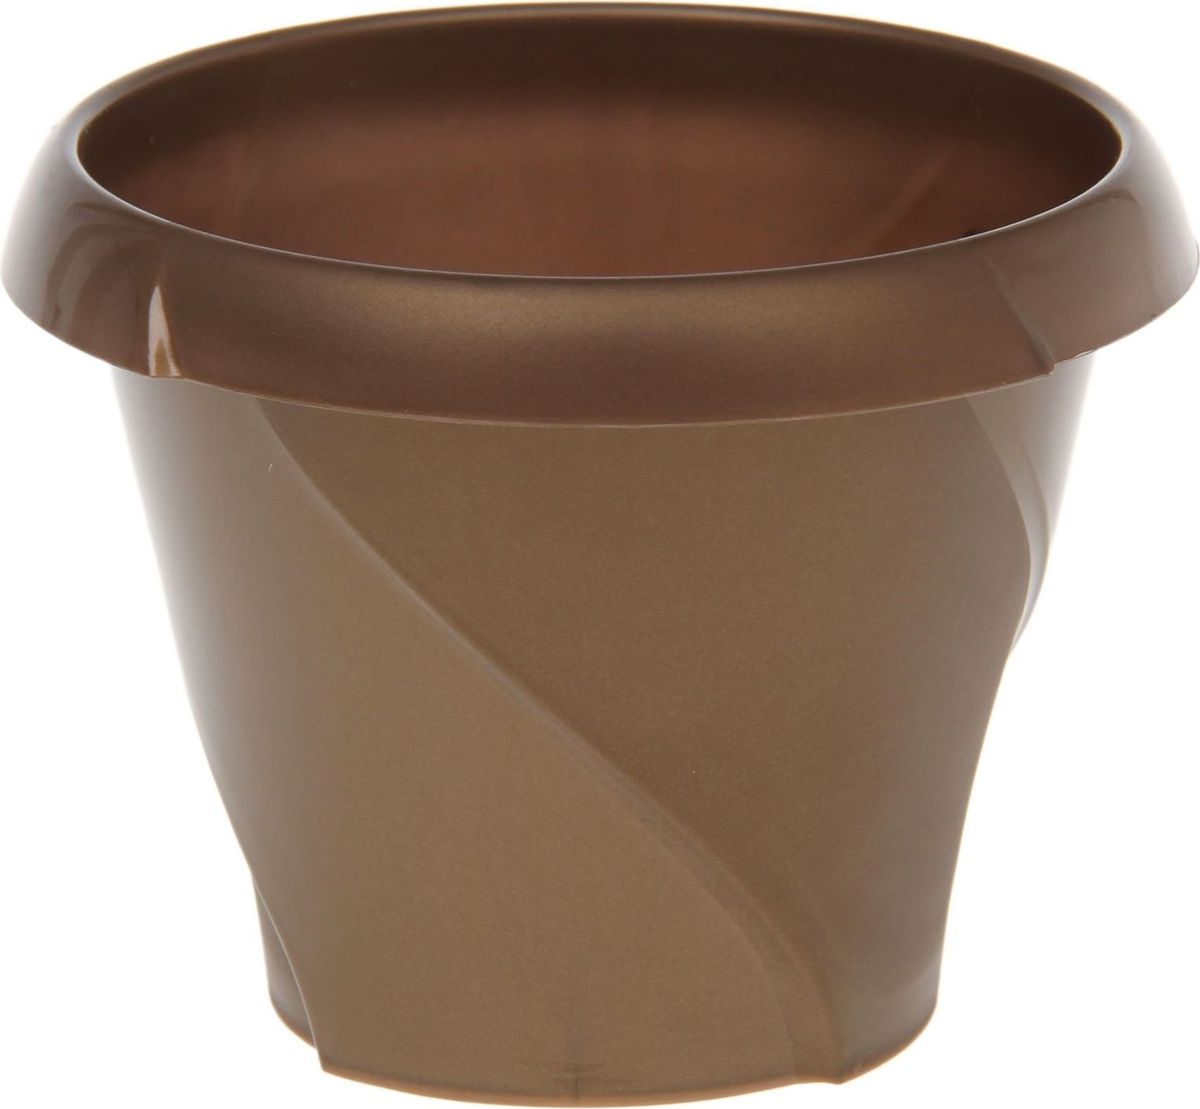 Кашпо Martika Флориана, цвет: золотистый, 0,7 л1355434Любой, даже самый современный и продуманный интерьер будет не завершенным без растений. Они не только очищают воздух и насыщают его кислородом, но и заметно украшают окружающее пространство. Такому полезному члену семьи просто необходимо красивое и функциональное кашпо, оригинальный горшок или необычная ваза! Мы предлагаем - Кашпо 700 мл Флориана, d=13,5 см, цвет золотой! Оптимальный выбор материала - это пластмасса! Почему мы так считаем? Малый вес. С легкостью переносите горшки и кашпо с места на место, ставьте их на столики или полки, подвешивайте под потолок, не беспокоясь о нагрузке. Простота ухода. Пластиковые изделия не нуждаются в специальных условиях хранения. Их легко чистить достаточно просто сполоснуть теплой водой. Никаких царапин. Пластиковые кашпо не царапают и не загрязняют поверхности, на которых стоят. Пластик дольше хранит влагу, а значит растение реже нуждается в поливе. Пластмасса не пропускает воздух корневой системе растения не грозят резкие перепады температур. Огромный выбор форм, декора и расцветок вы без труда подберете что-то, что идеально впишется в уже существующий интерьер. Соблюдая нехитрые правила ухода, вы можете заметно продлить срок службы горшков, вазонов и кашпо из пластика: всегда учитывайте размер кроны и корневой системы растения (при разрастании большое растение способно повредить маленький горшок) берегите изделие от воздействия прямых солнечных лучей, чтобы кашпо и горшки не выцветали держите кашпо и горшки из пластика подальше от нагревающихся поверхностей. Создавайте прекрасные цветочные композиции, выращивайте рассаду или необычные растения, а низкие цены позволят вам не ограничивать себя в выборе.